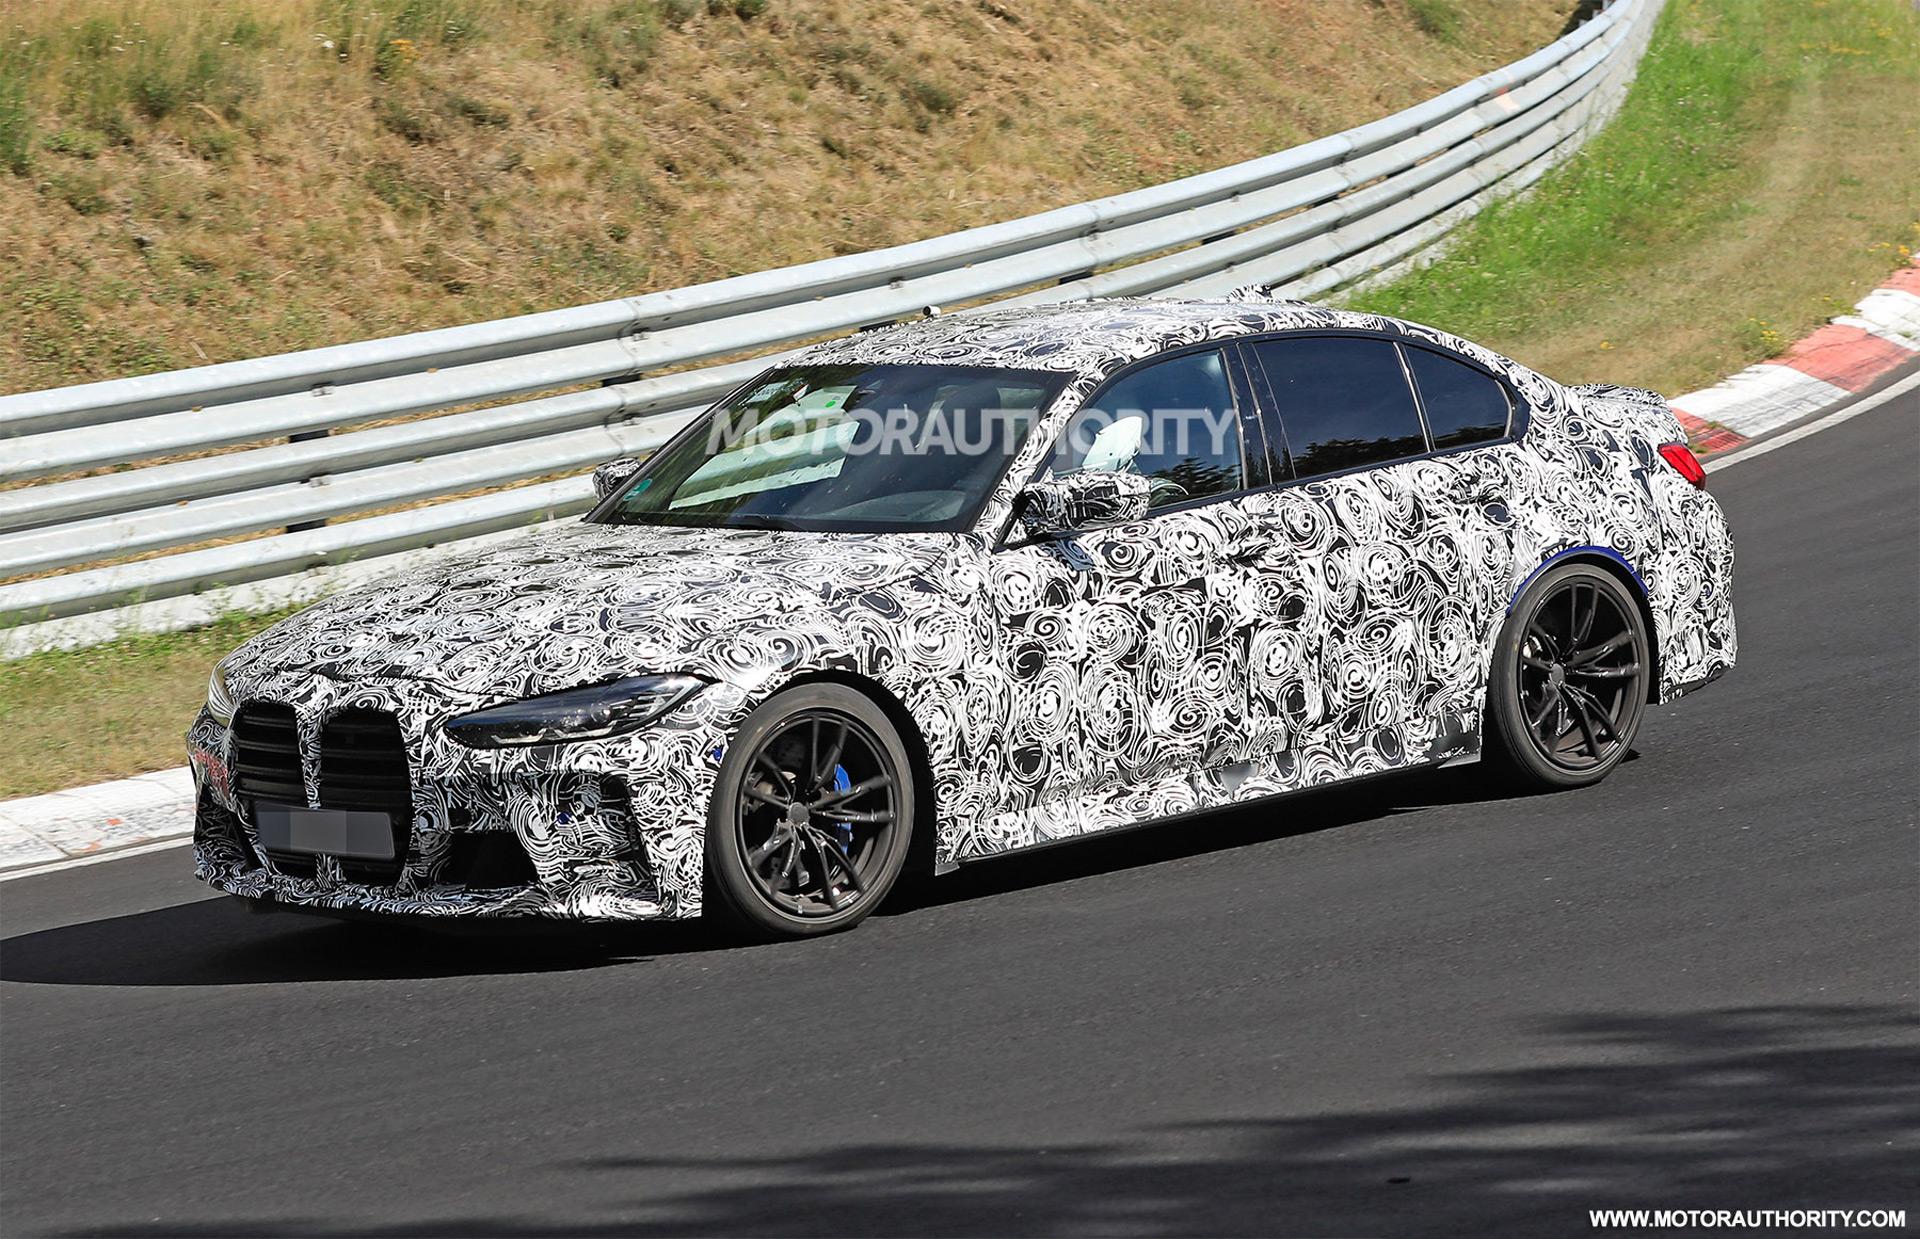 2020 - [BMW] M3/M4 - Page 18 2021-bmw-m3-spy-shots--photo-credit-s-baldauf-sb-medien_100754061_h